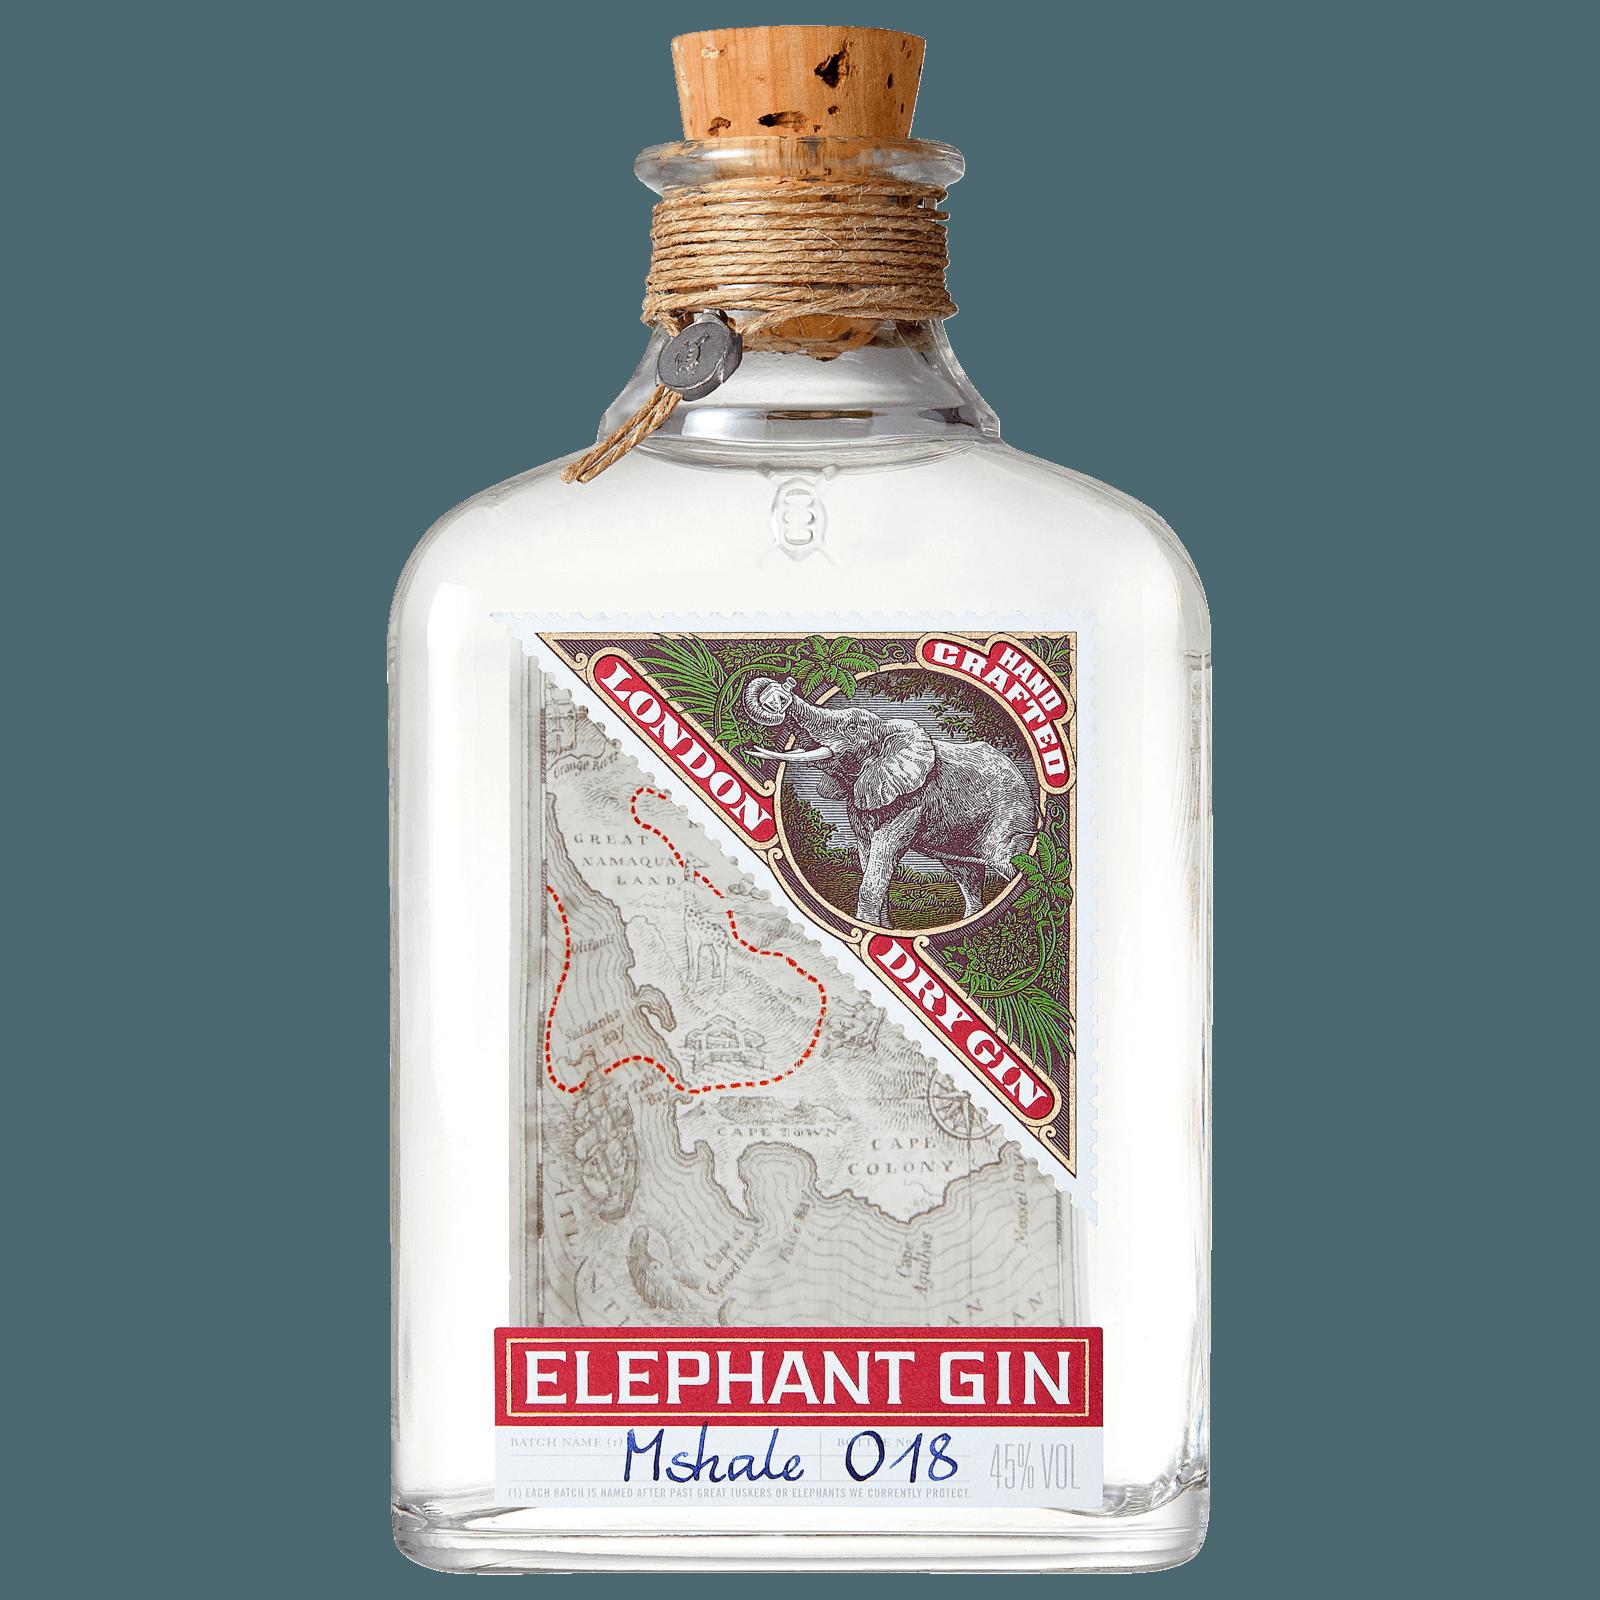 Elephant London Dry Gin 0,5l bei REWE online bestellen!